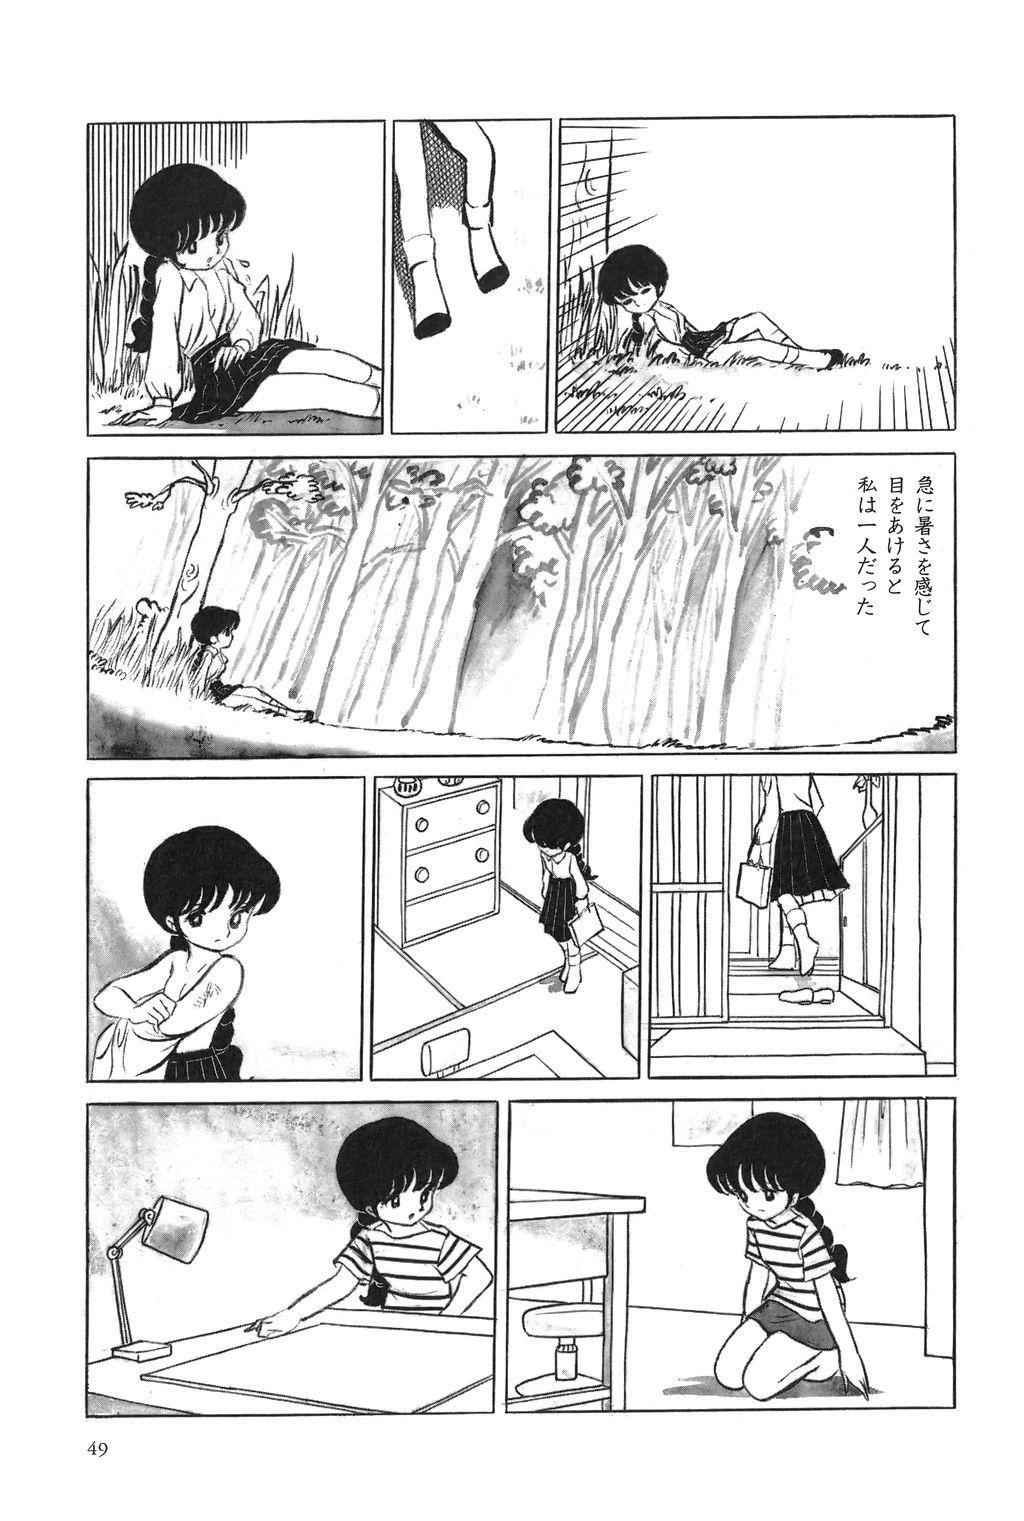 Azuma Hideo Sakuhin Shuusei - Yoru no Tobari no Naka de 53